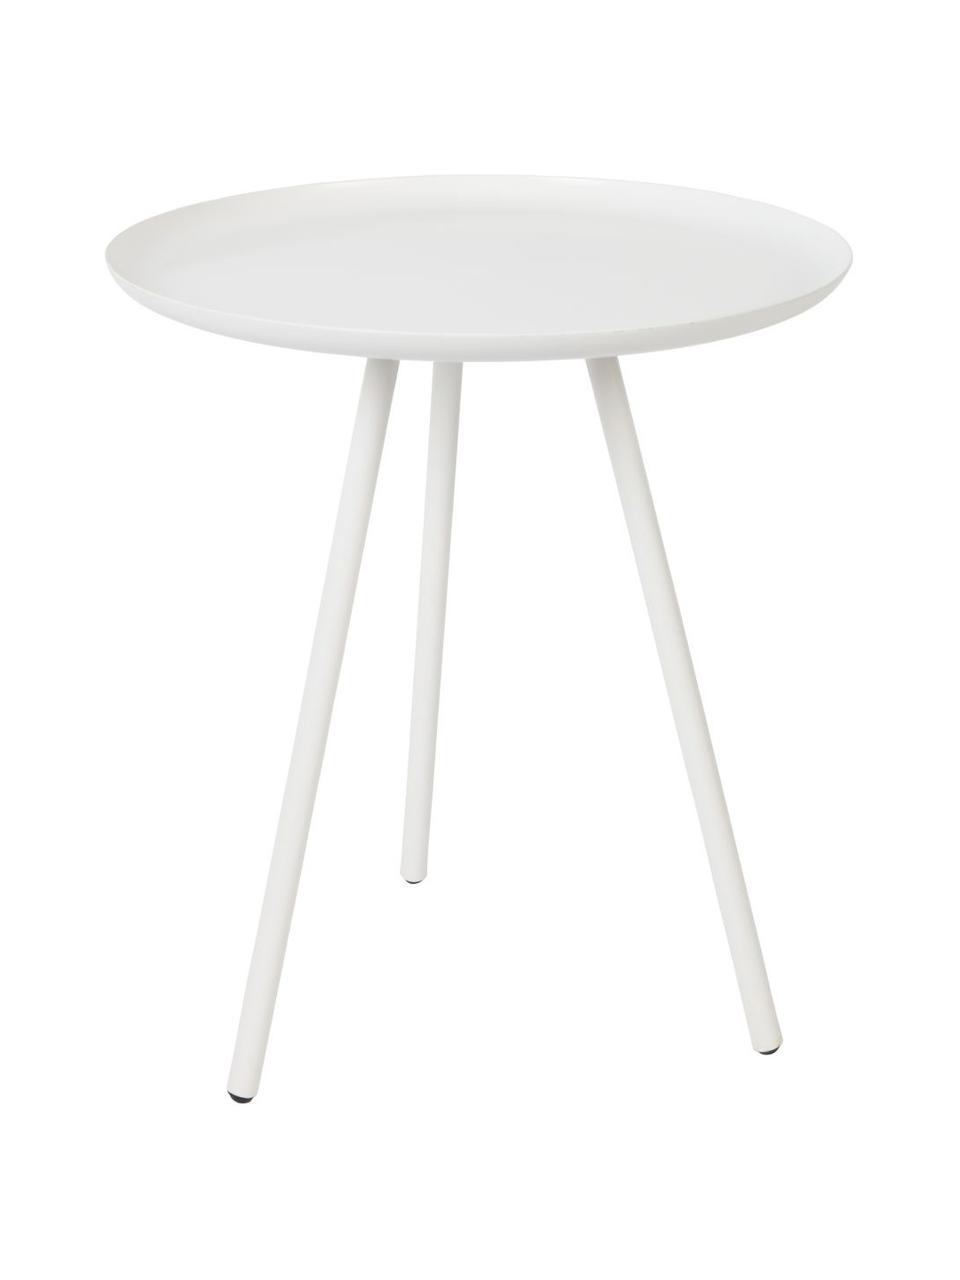 Stolik pomocniczy Frost, Metal malowany proszkowo, Biały, Ø 39 x W 45 cm